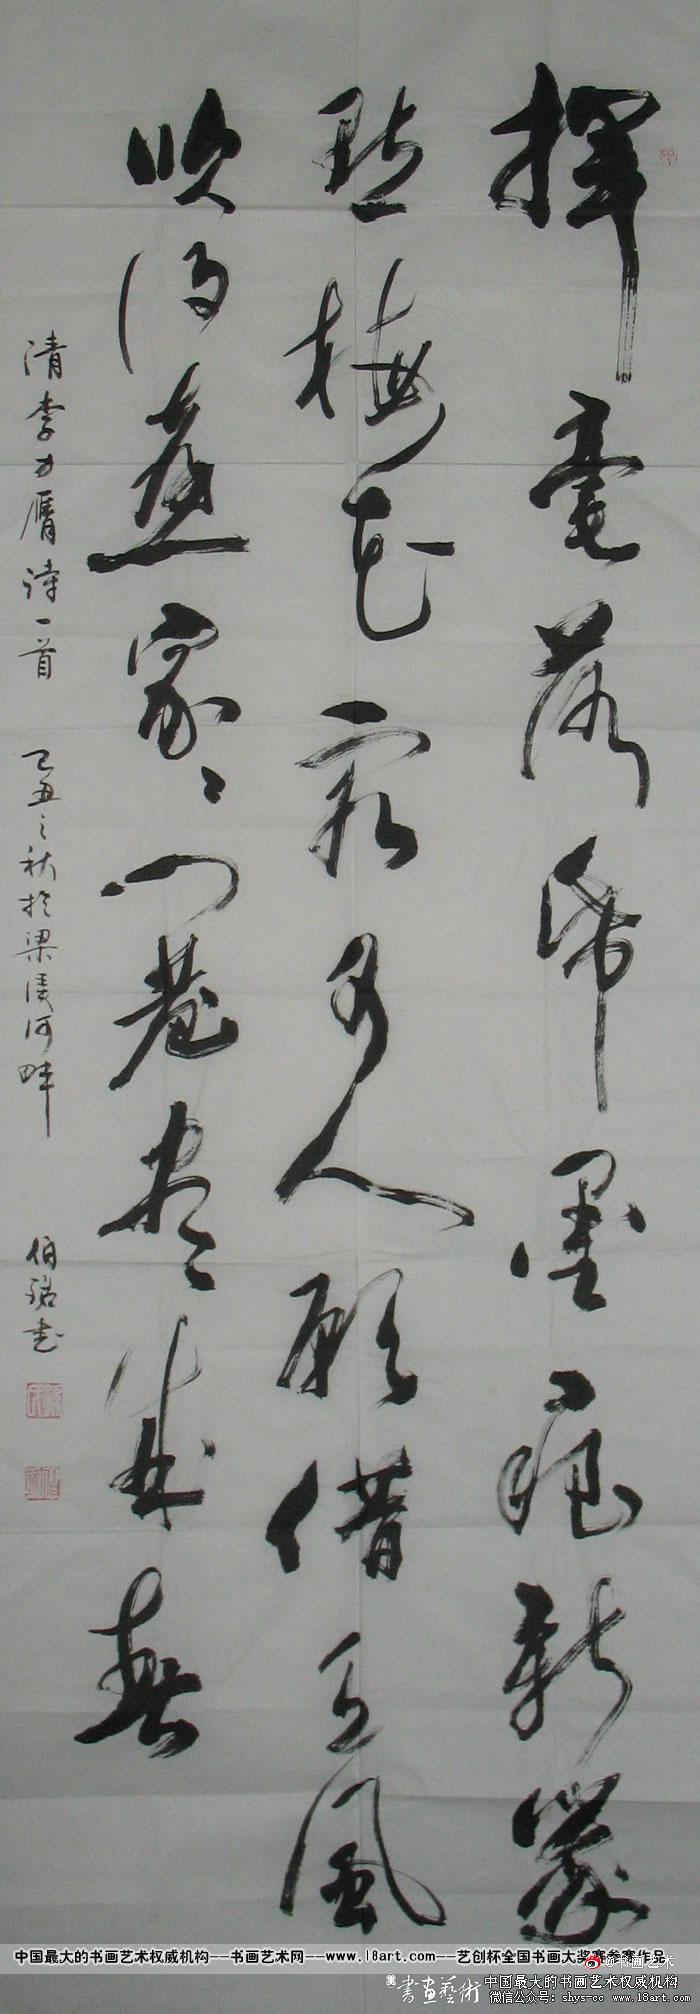 参赛者:江苏无锡--孙伯铭2件--1943